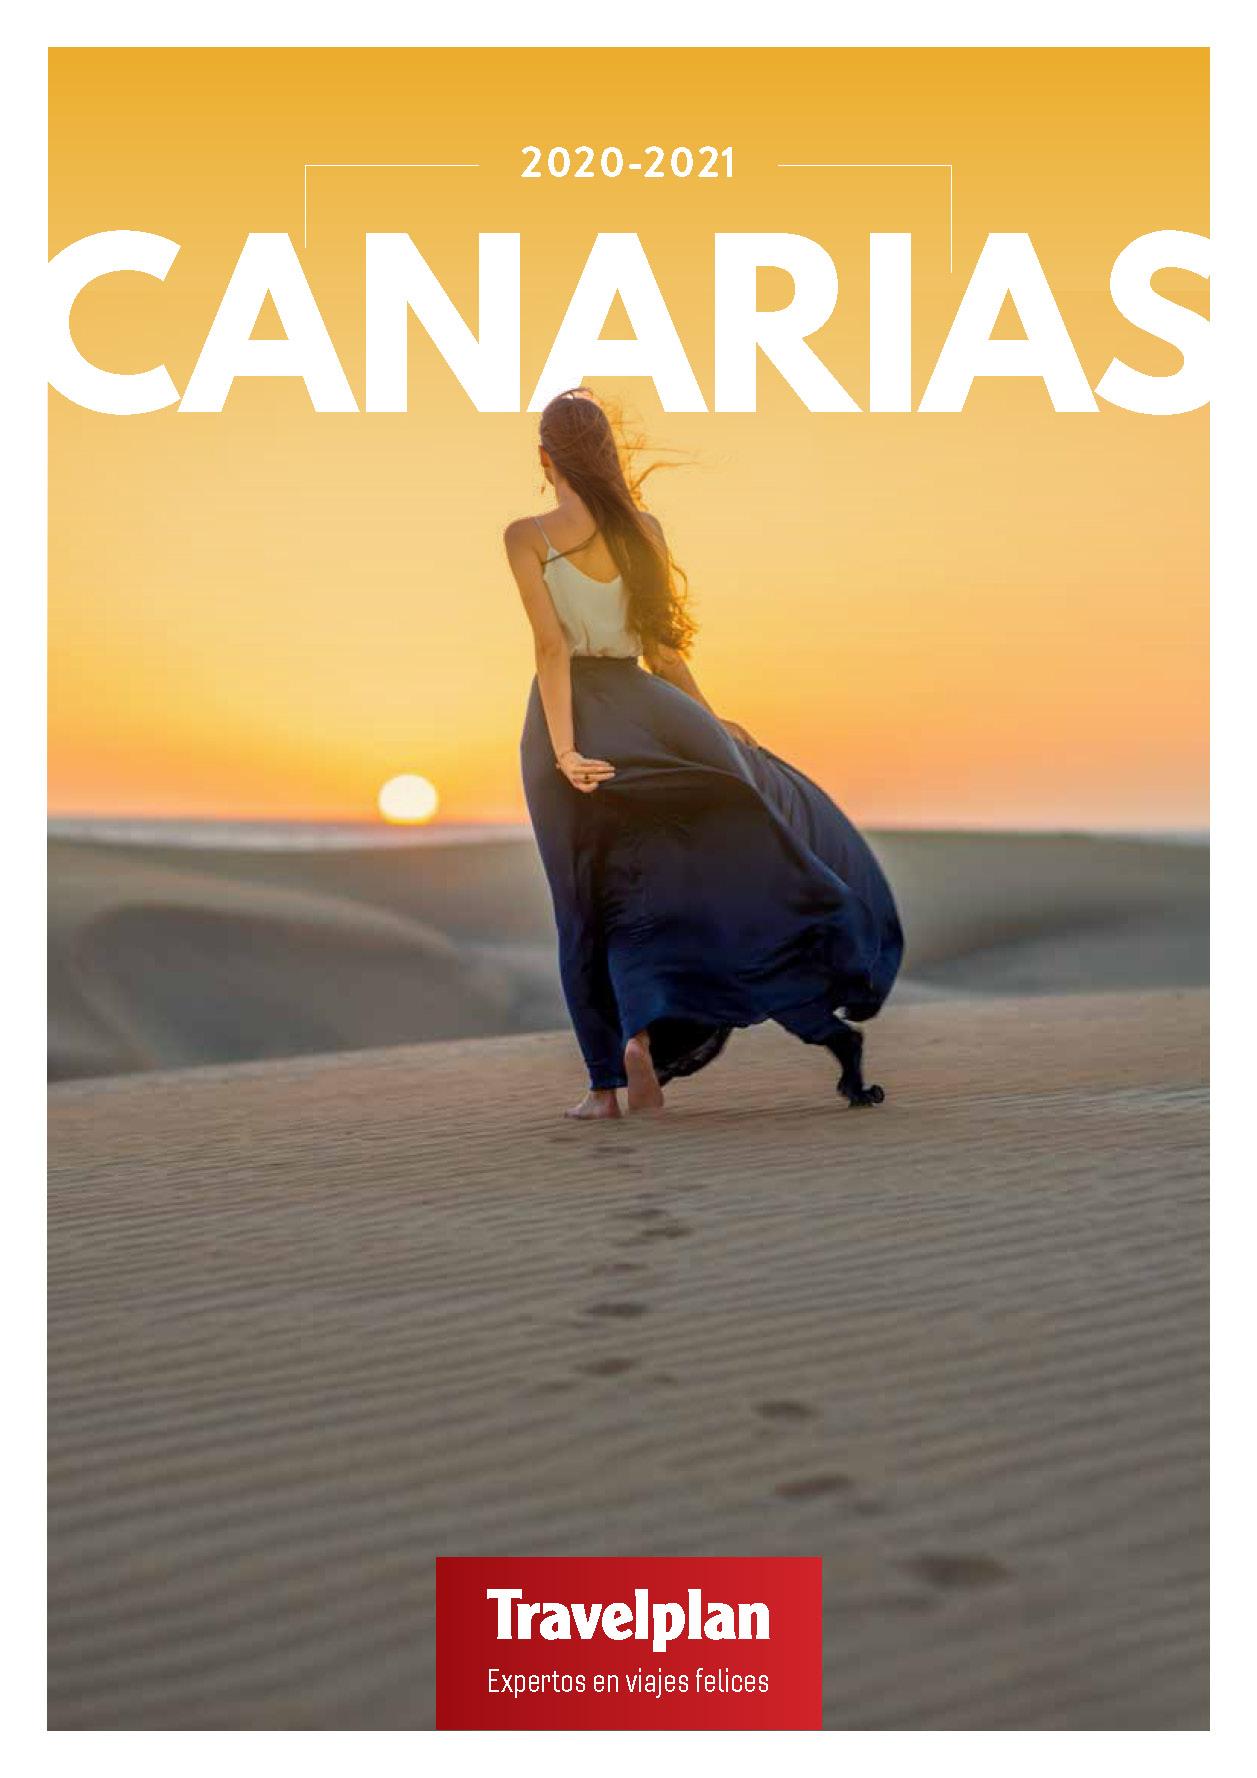 Catalogo Travelplan Canarias 2020-2021